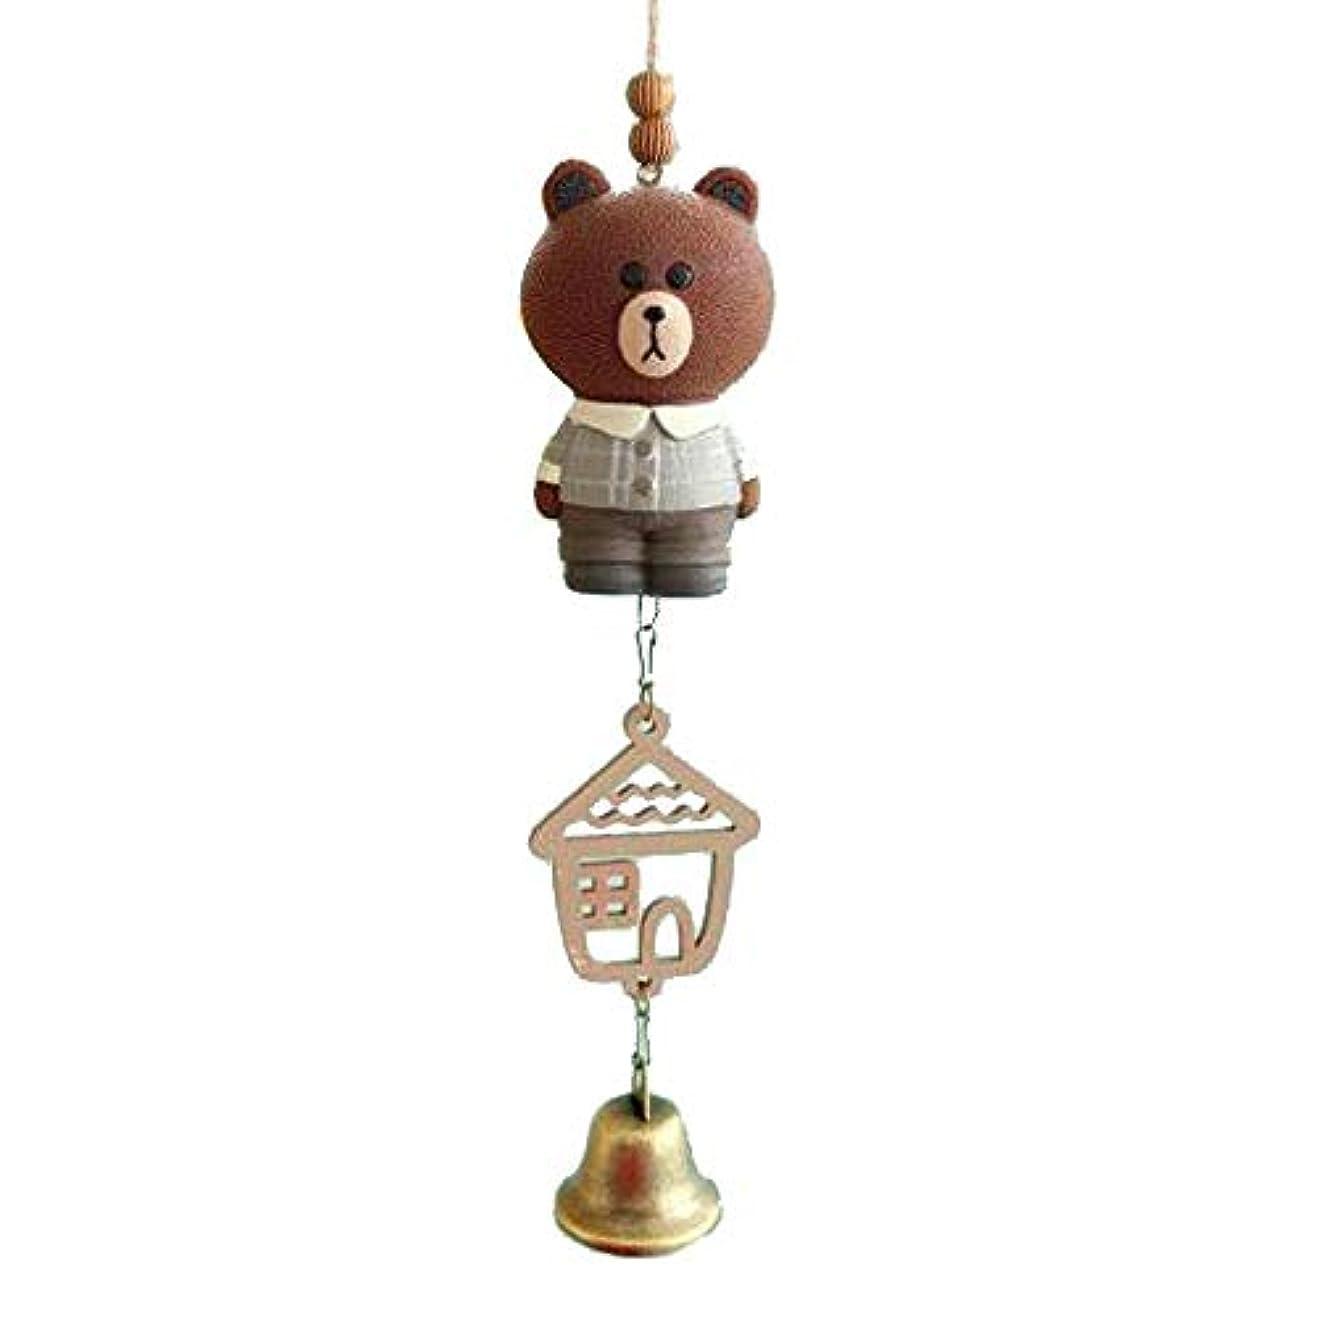 記念チーズキリスト教Youshangshipin 風チャイム、クリエイティブかわいい動物風チャイム、ブラウン、サイズ22 * 5CM,美しいギフトボックス (Color : Brown)